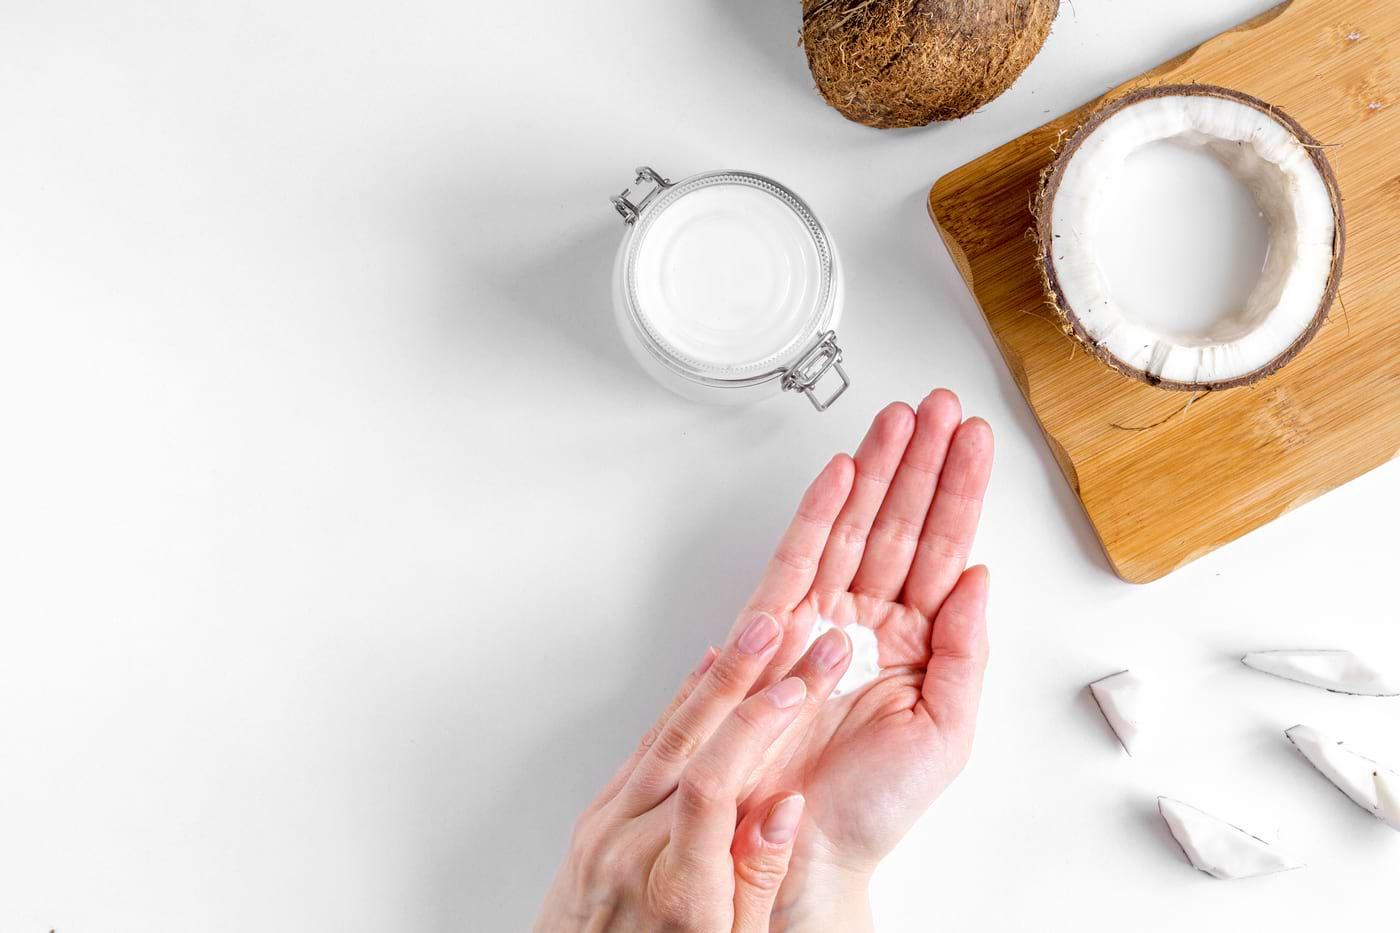 Chiar are uleiul de cocos proprietati antirid?